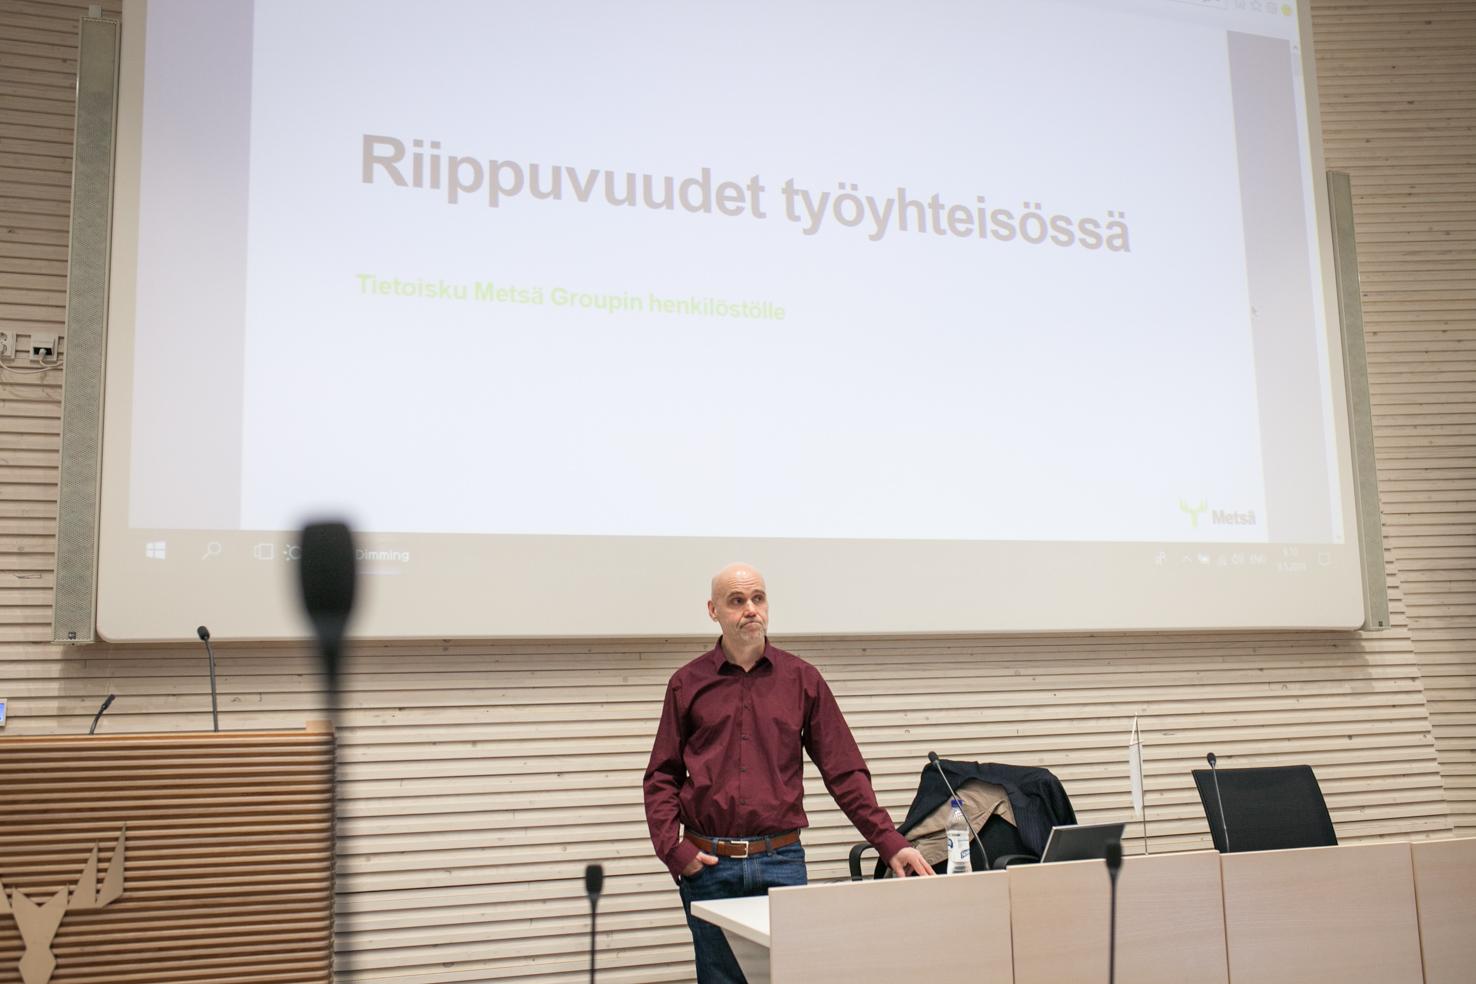 Kouluttaja jouni seisoo luentosalin edessä